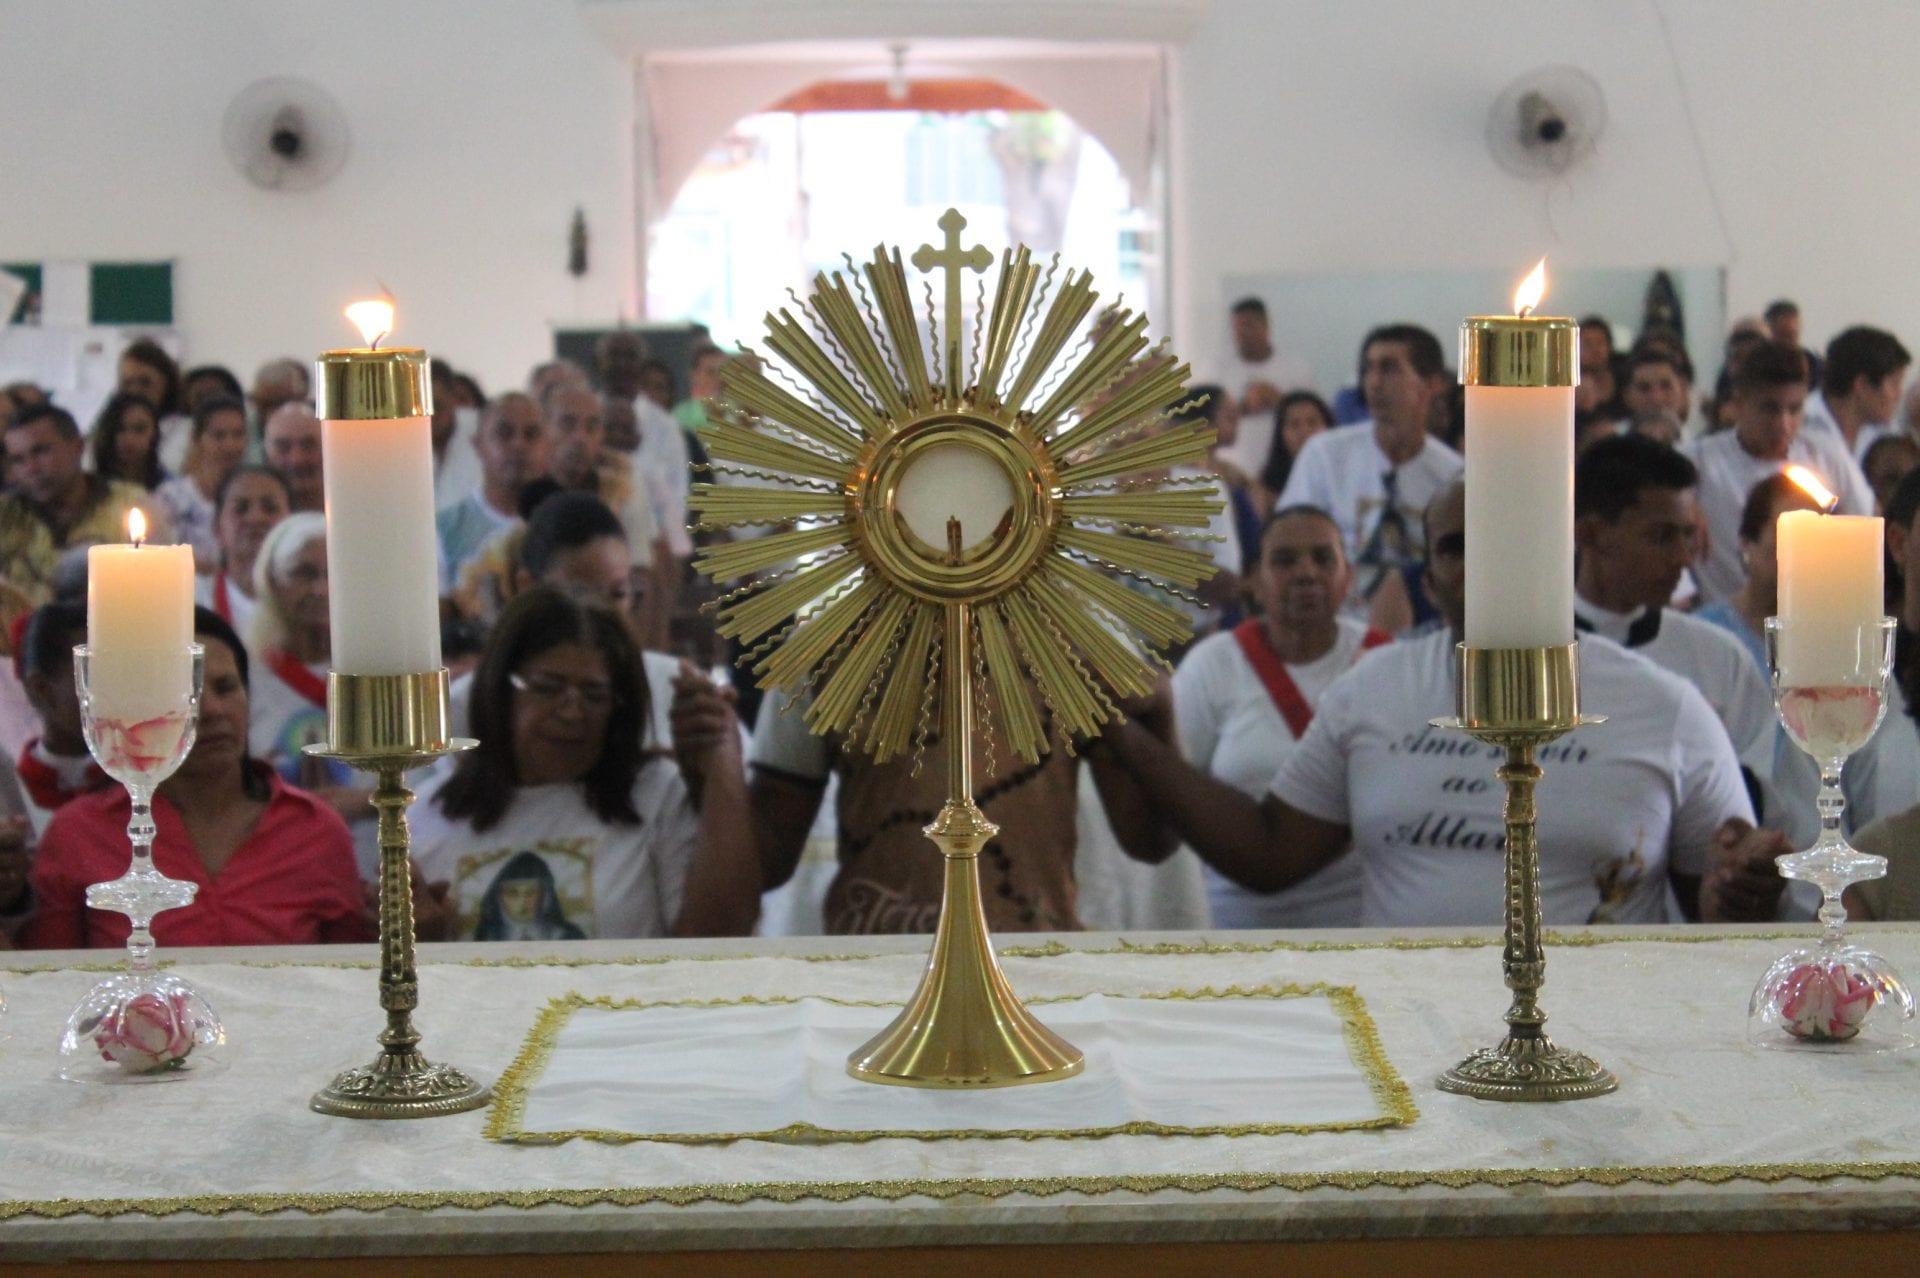 Festas das Comunidades da Paróquia Sagrado Coração de Jesus – Jardim do Trevo